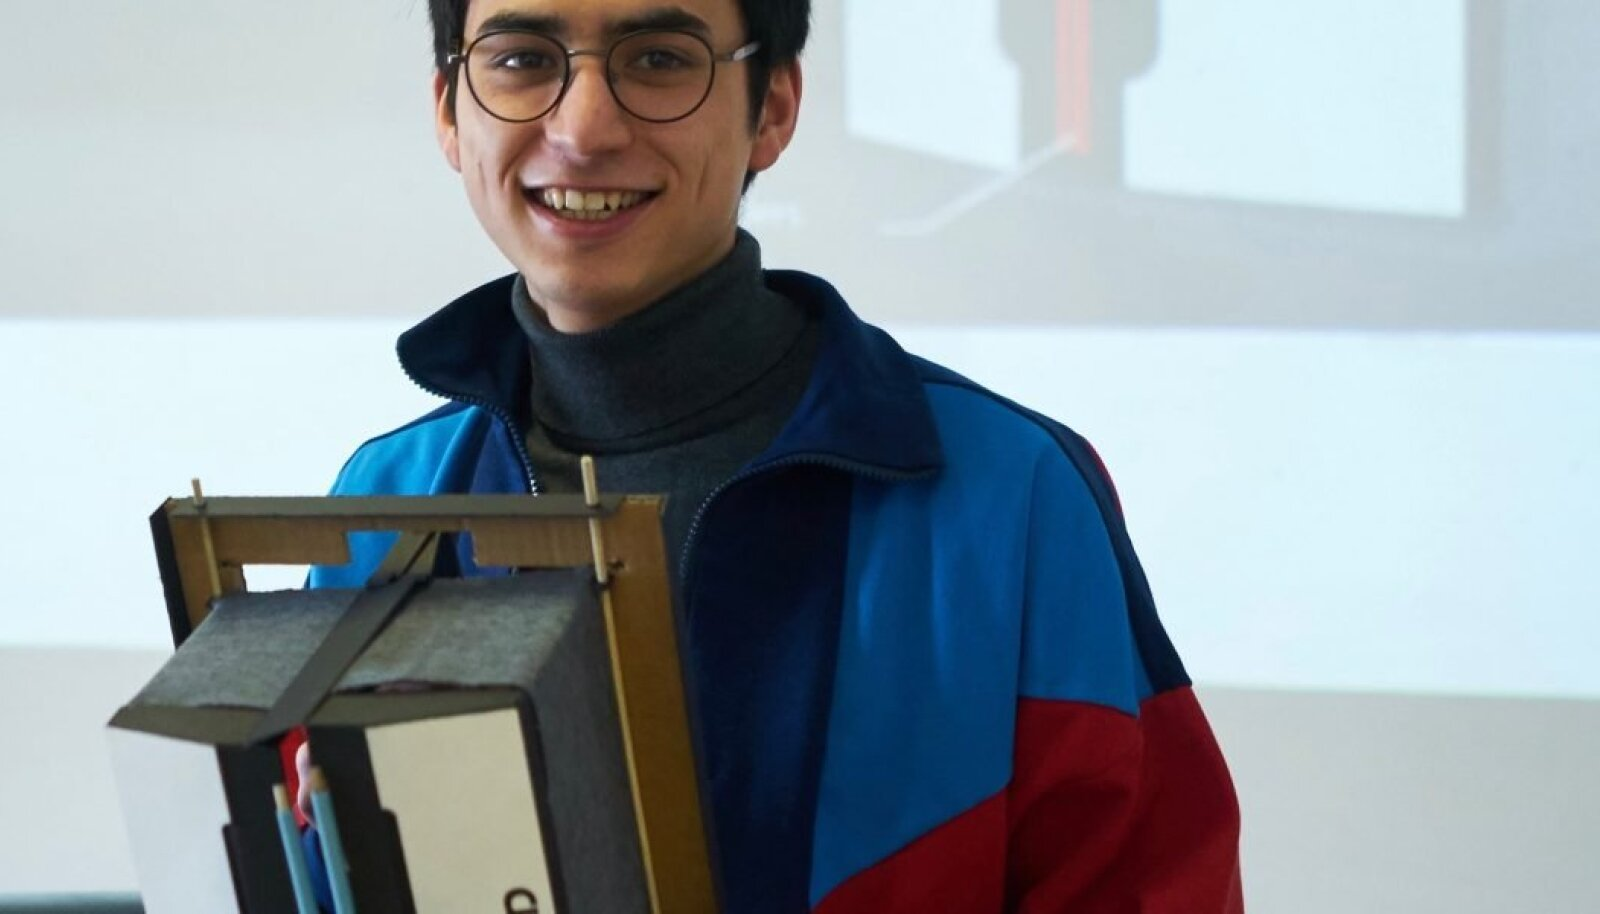 Enim Cleveroni poolt ette antud tehnilistele tingimustele vastava lahenduse püsivalt drooni küljes olevale pakikonteinerile töötas välja tootedisaini osakonna üliõpilane Julien Hac